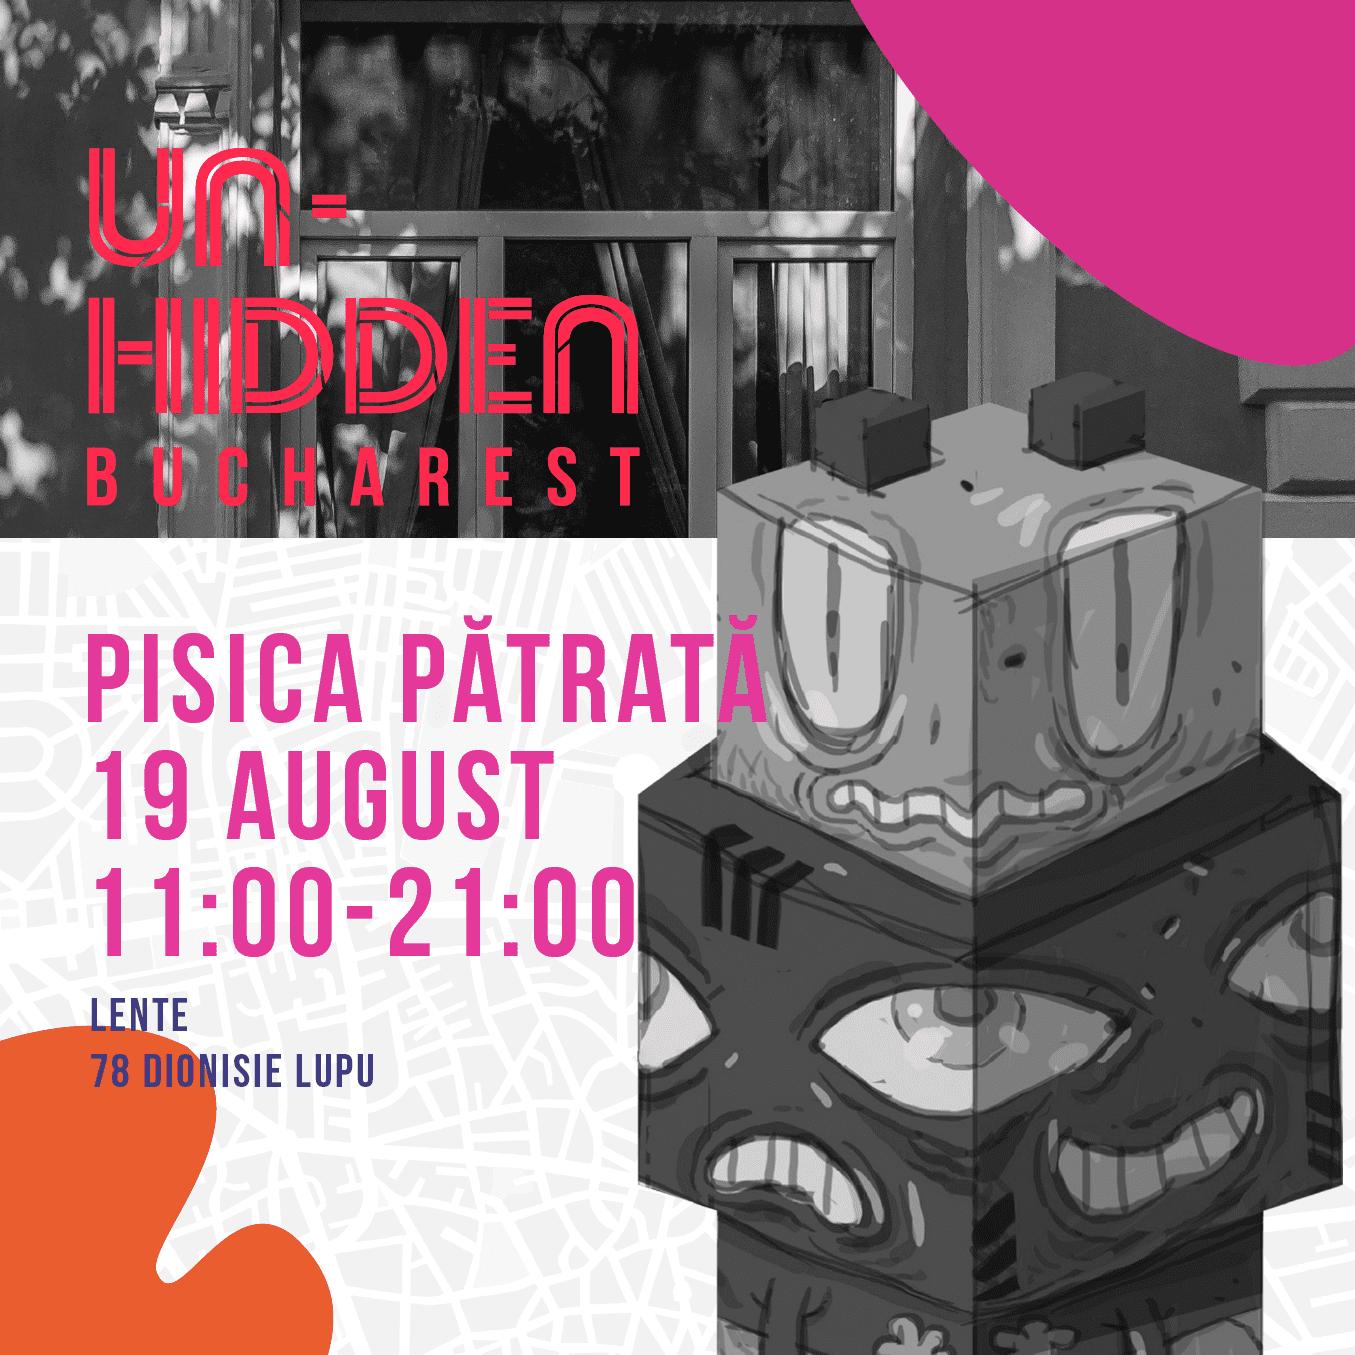 Un-hidden Bucharest - Pisica Pătrată totem @ Lente